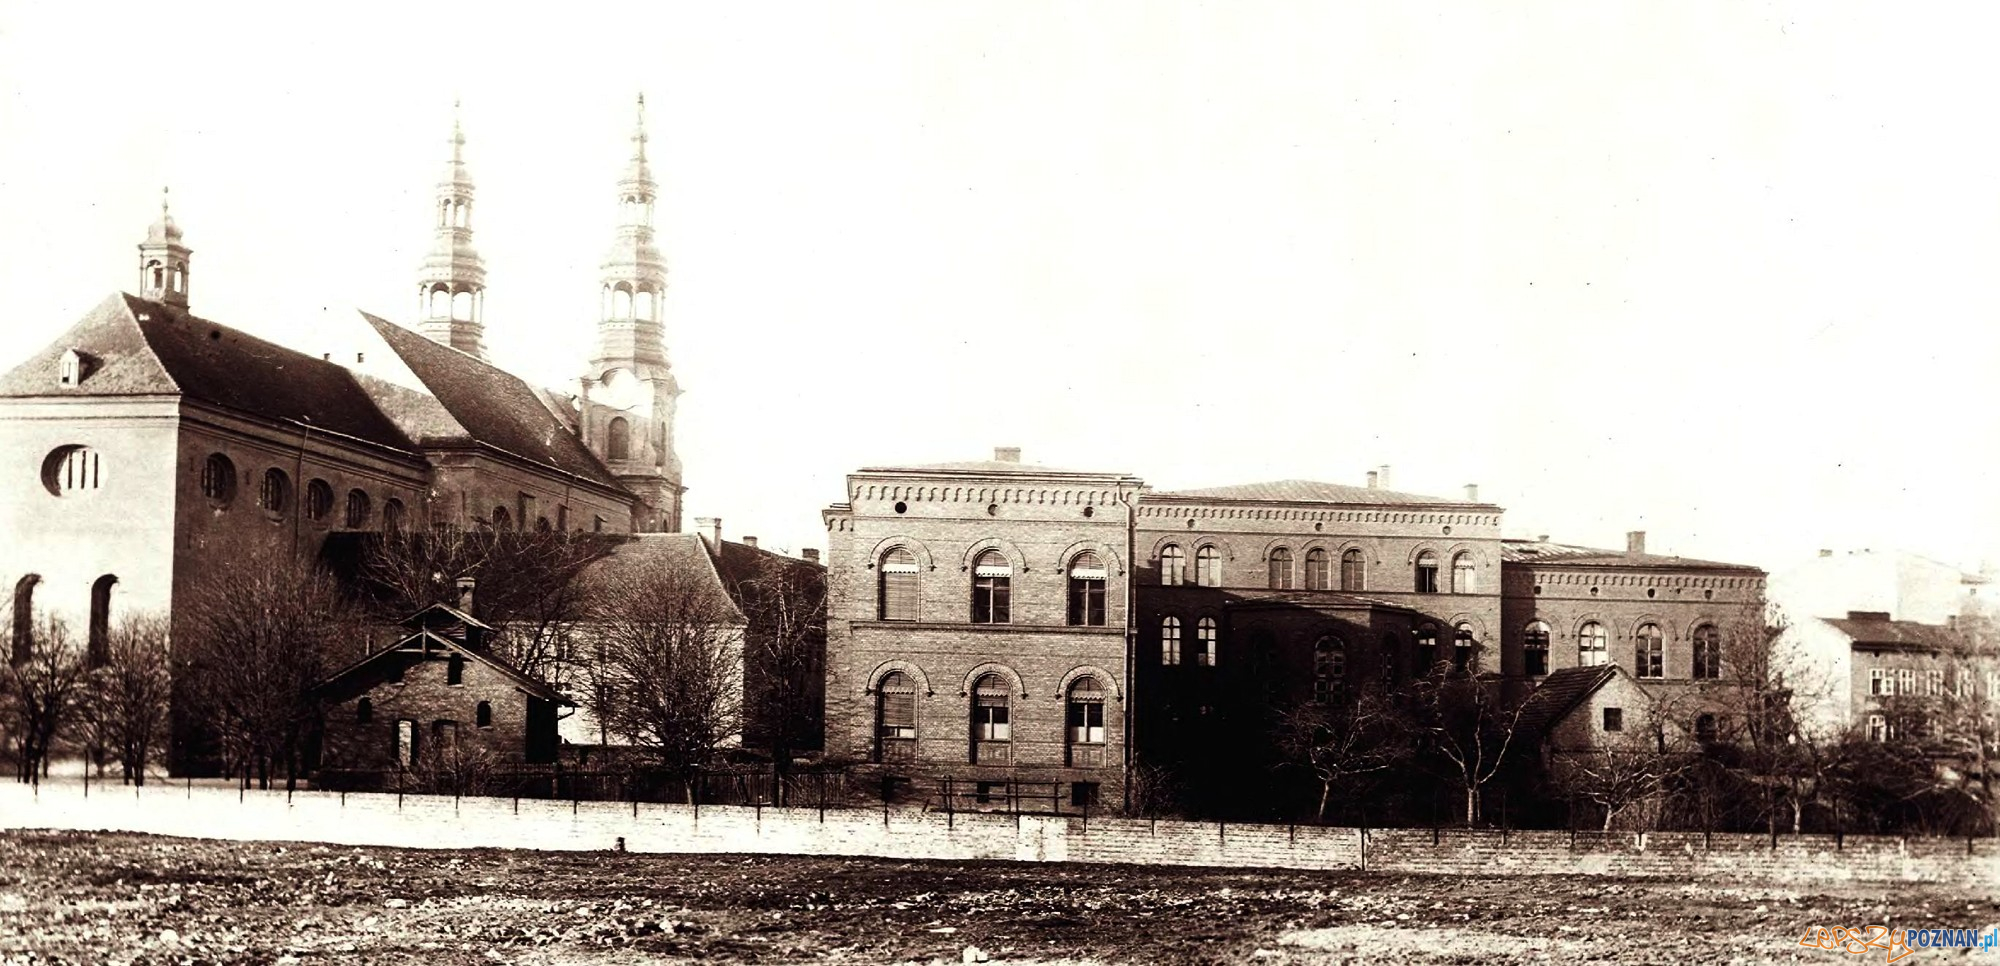 Kościół Bernardynów Gimnazjum Marii Magdaleny 1898-1900  Foto: poznan.wikia